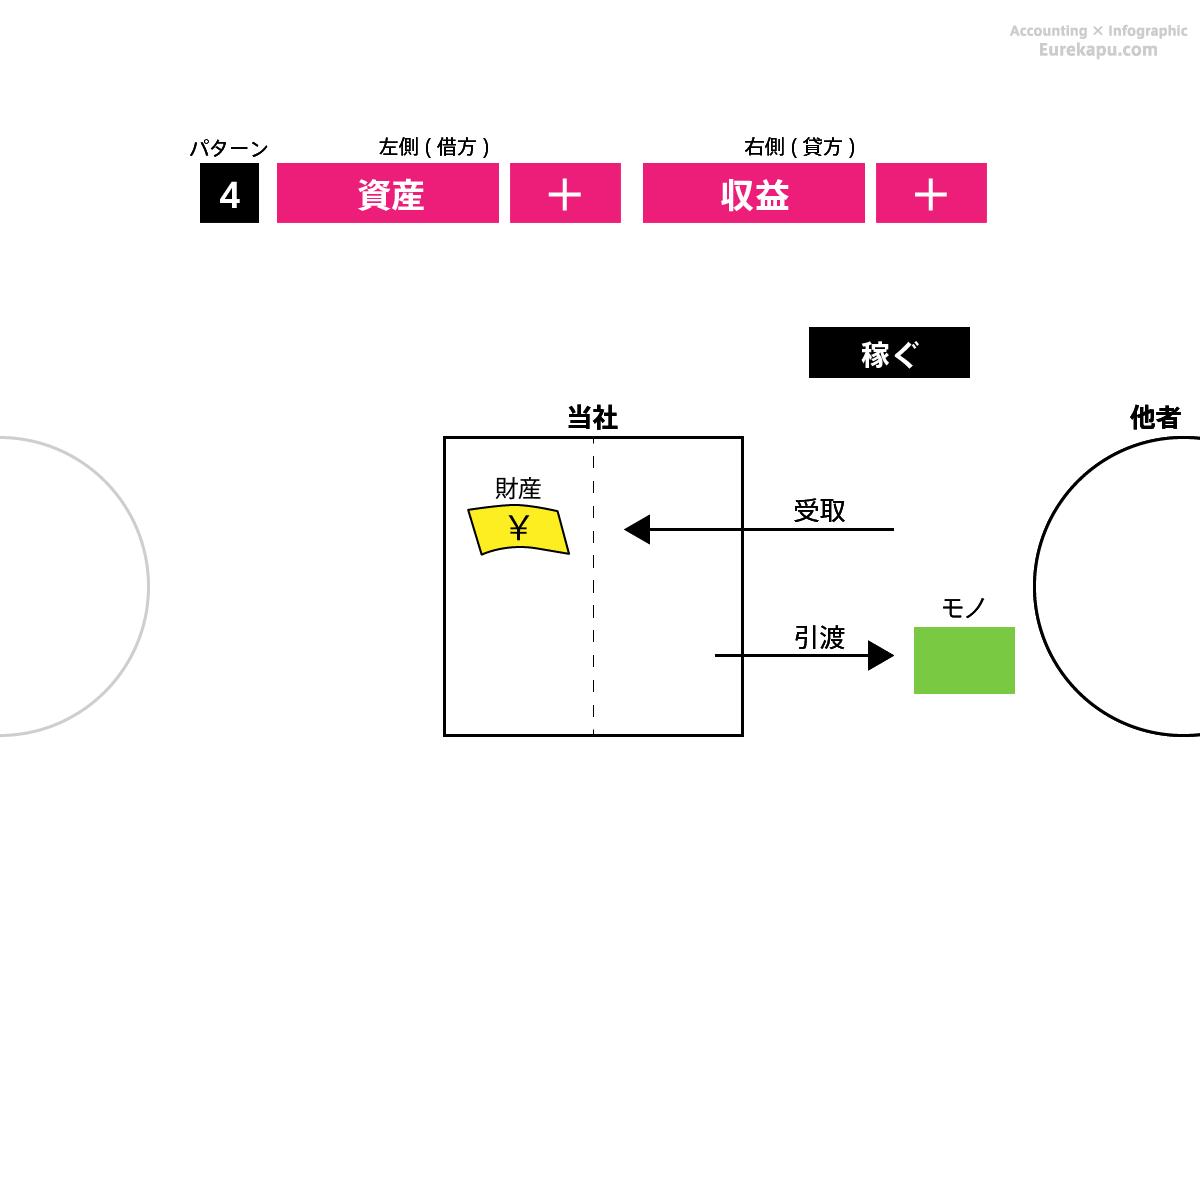 仕訳のパターン4を解説しています